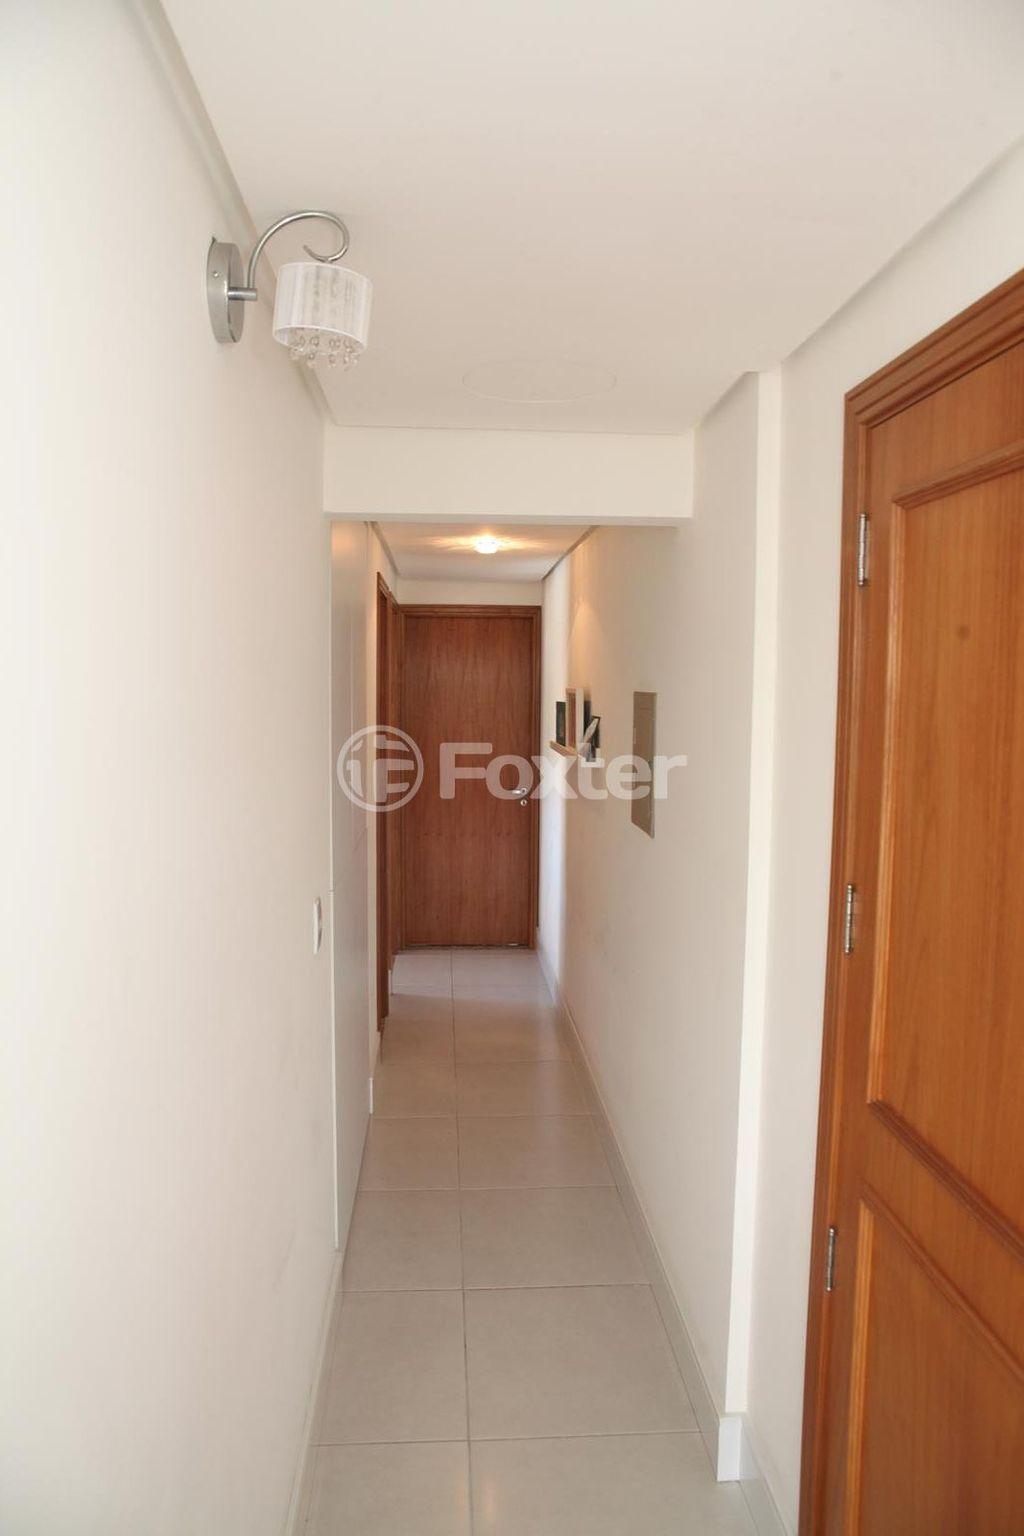 Foxter Imobiliária - Apto 2 Dorm, Cristal (144500) - Foto 17